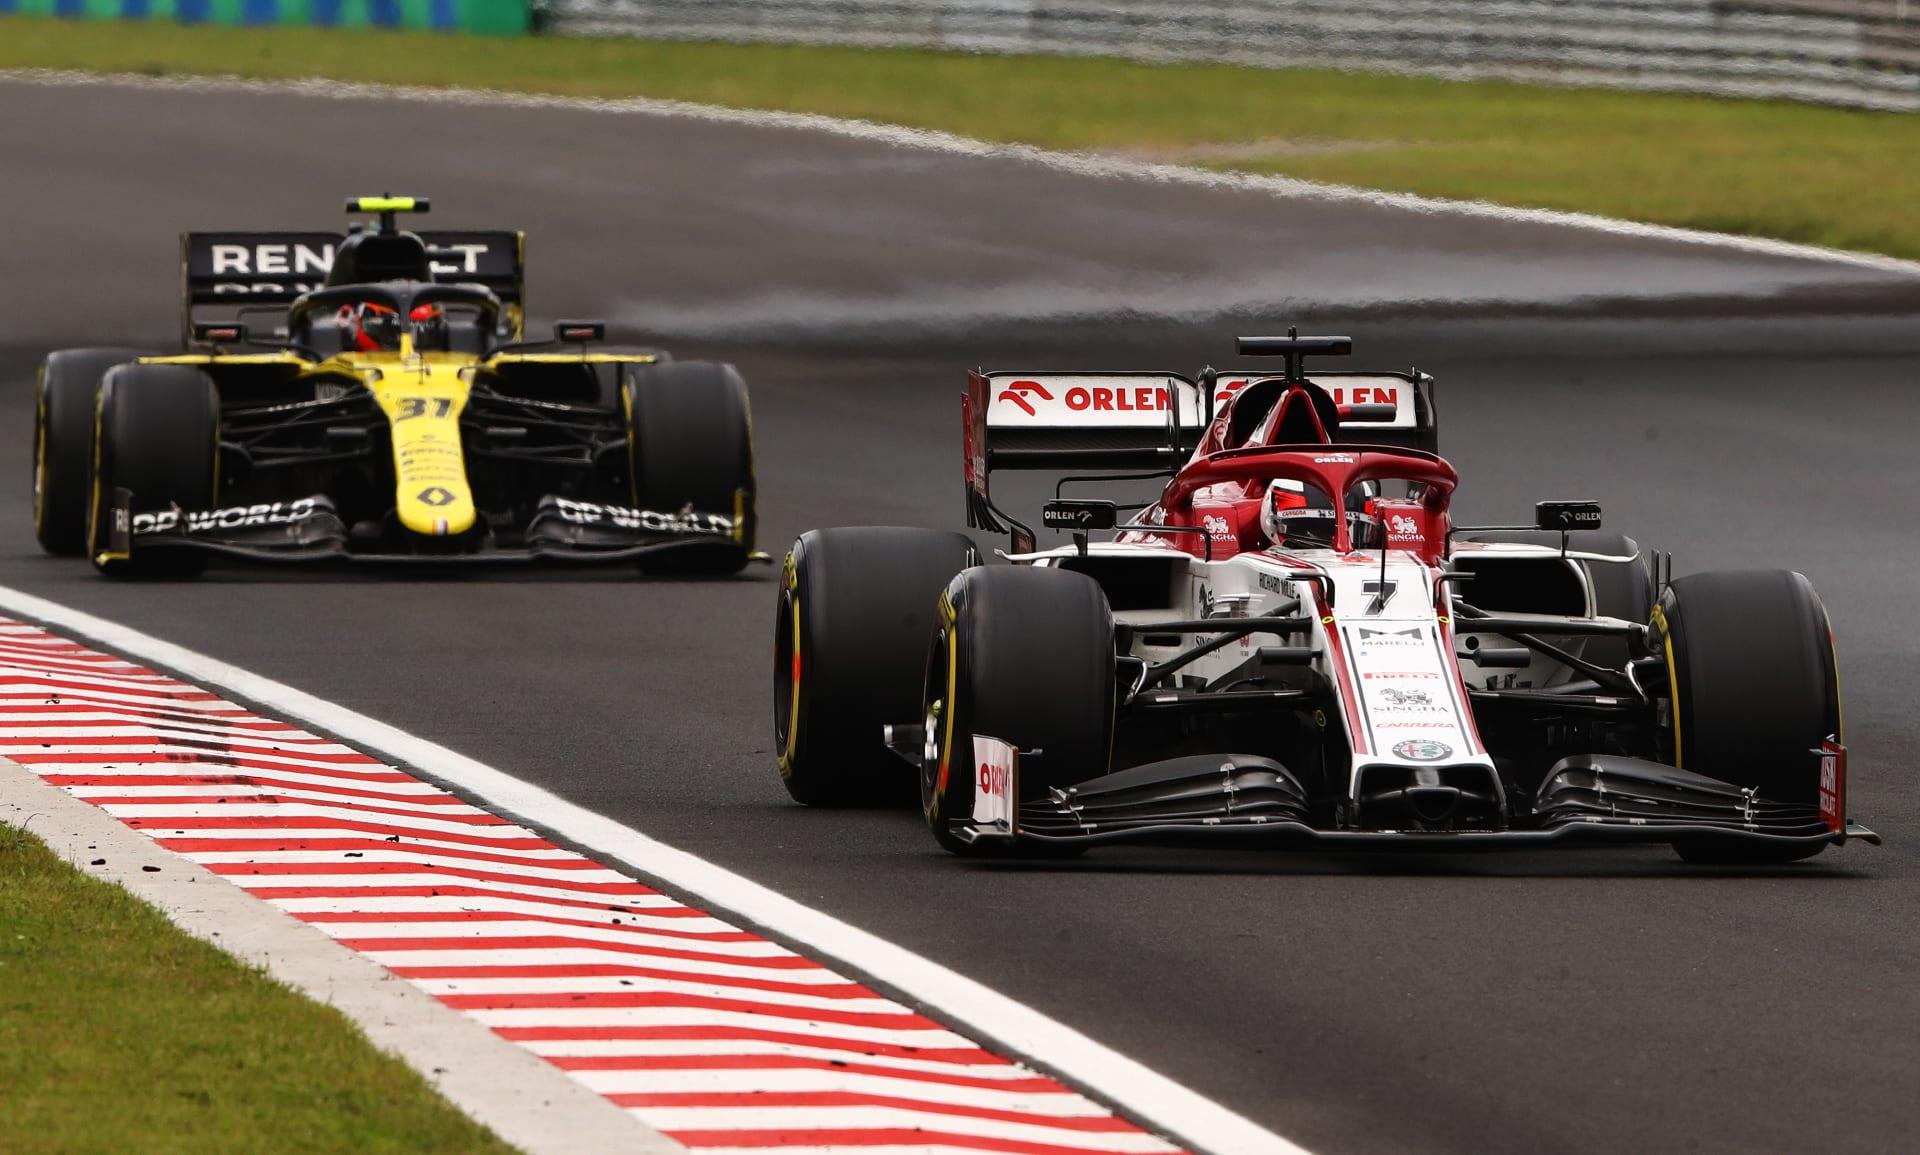 """""""فورمولا 1"""" تلغي سباقاتها في الولايات المتحدة والبرازيل والمكسيك وكندا بسبب تفشي كورونا"""